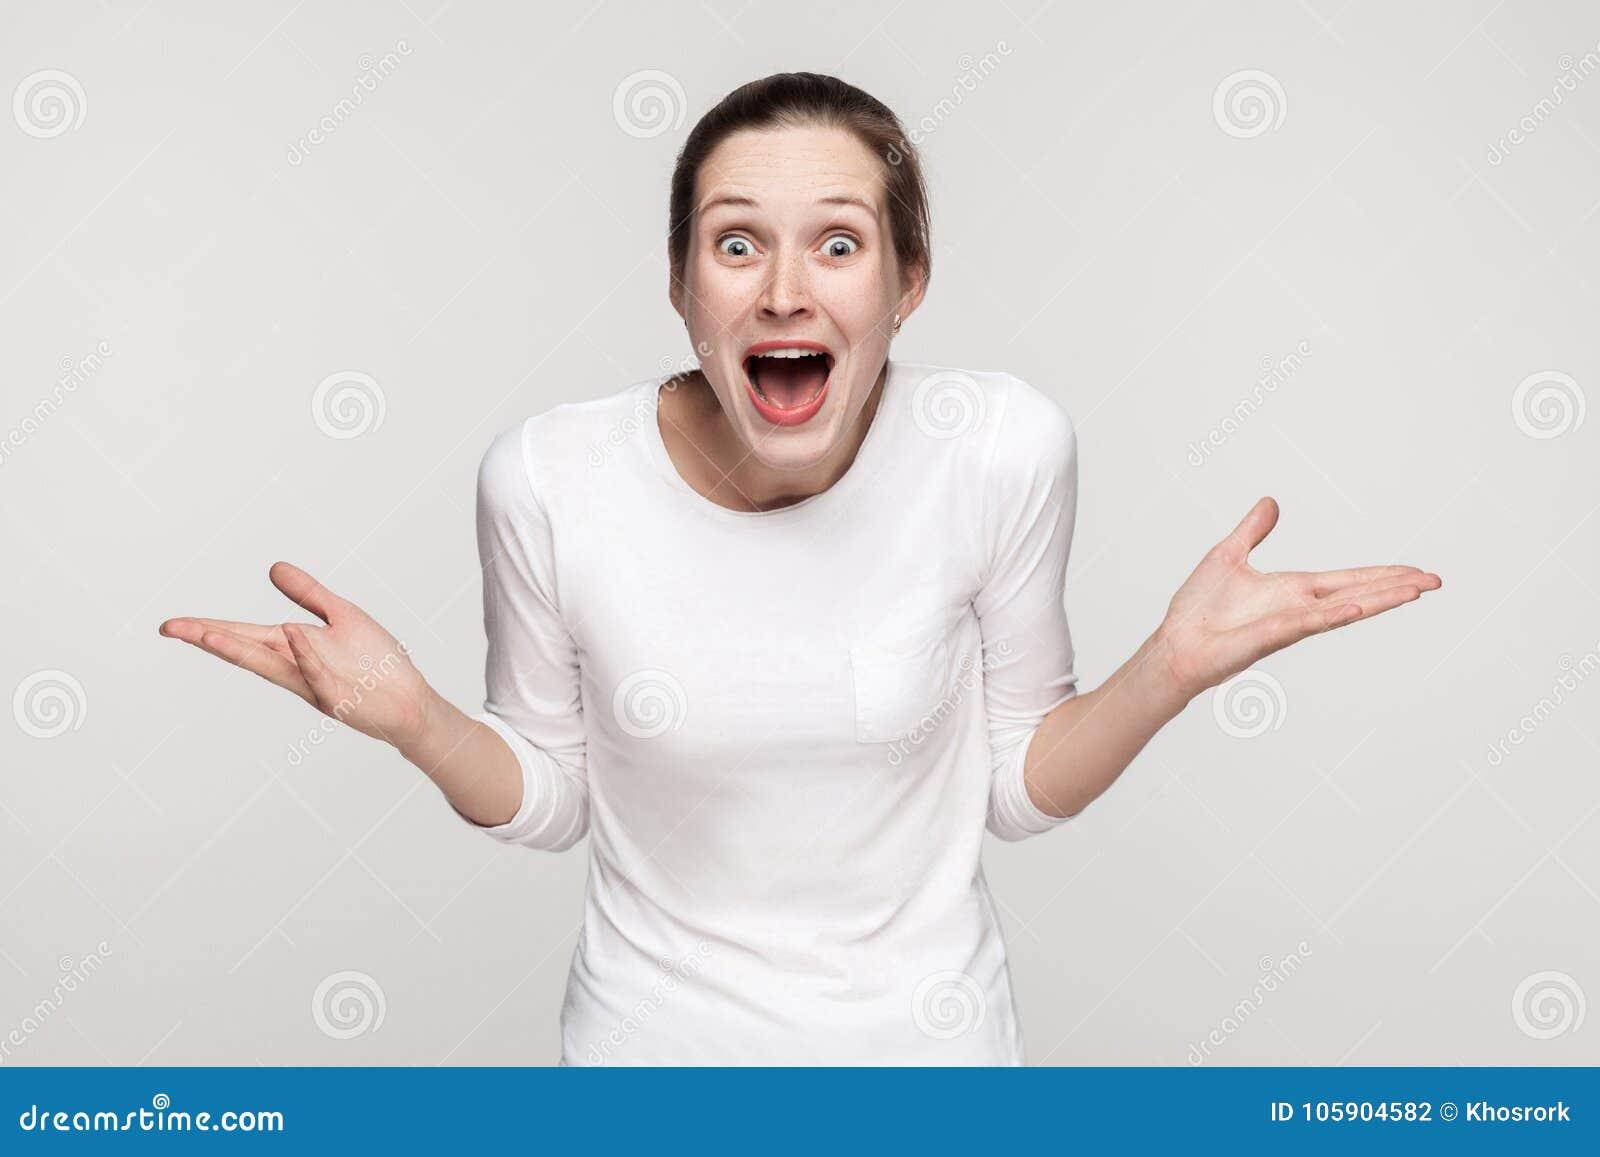 Воронежской в рот смотреть фото рот вынимая онлайн